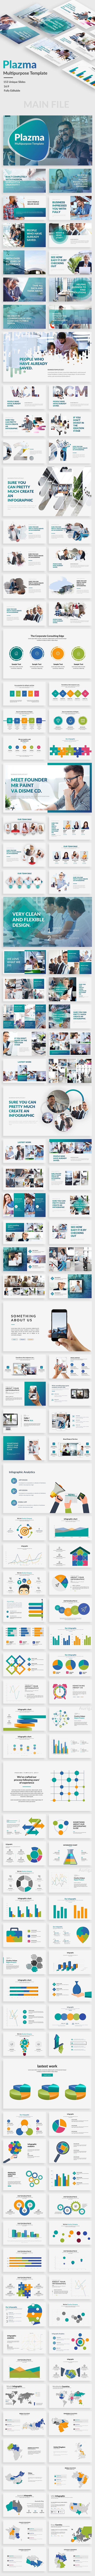 Plazma - Multipurpose Premium Powerpoint Template - 153 Unique Slides